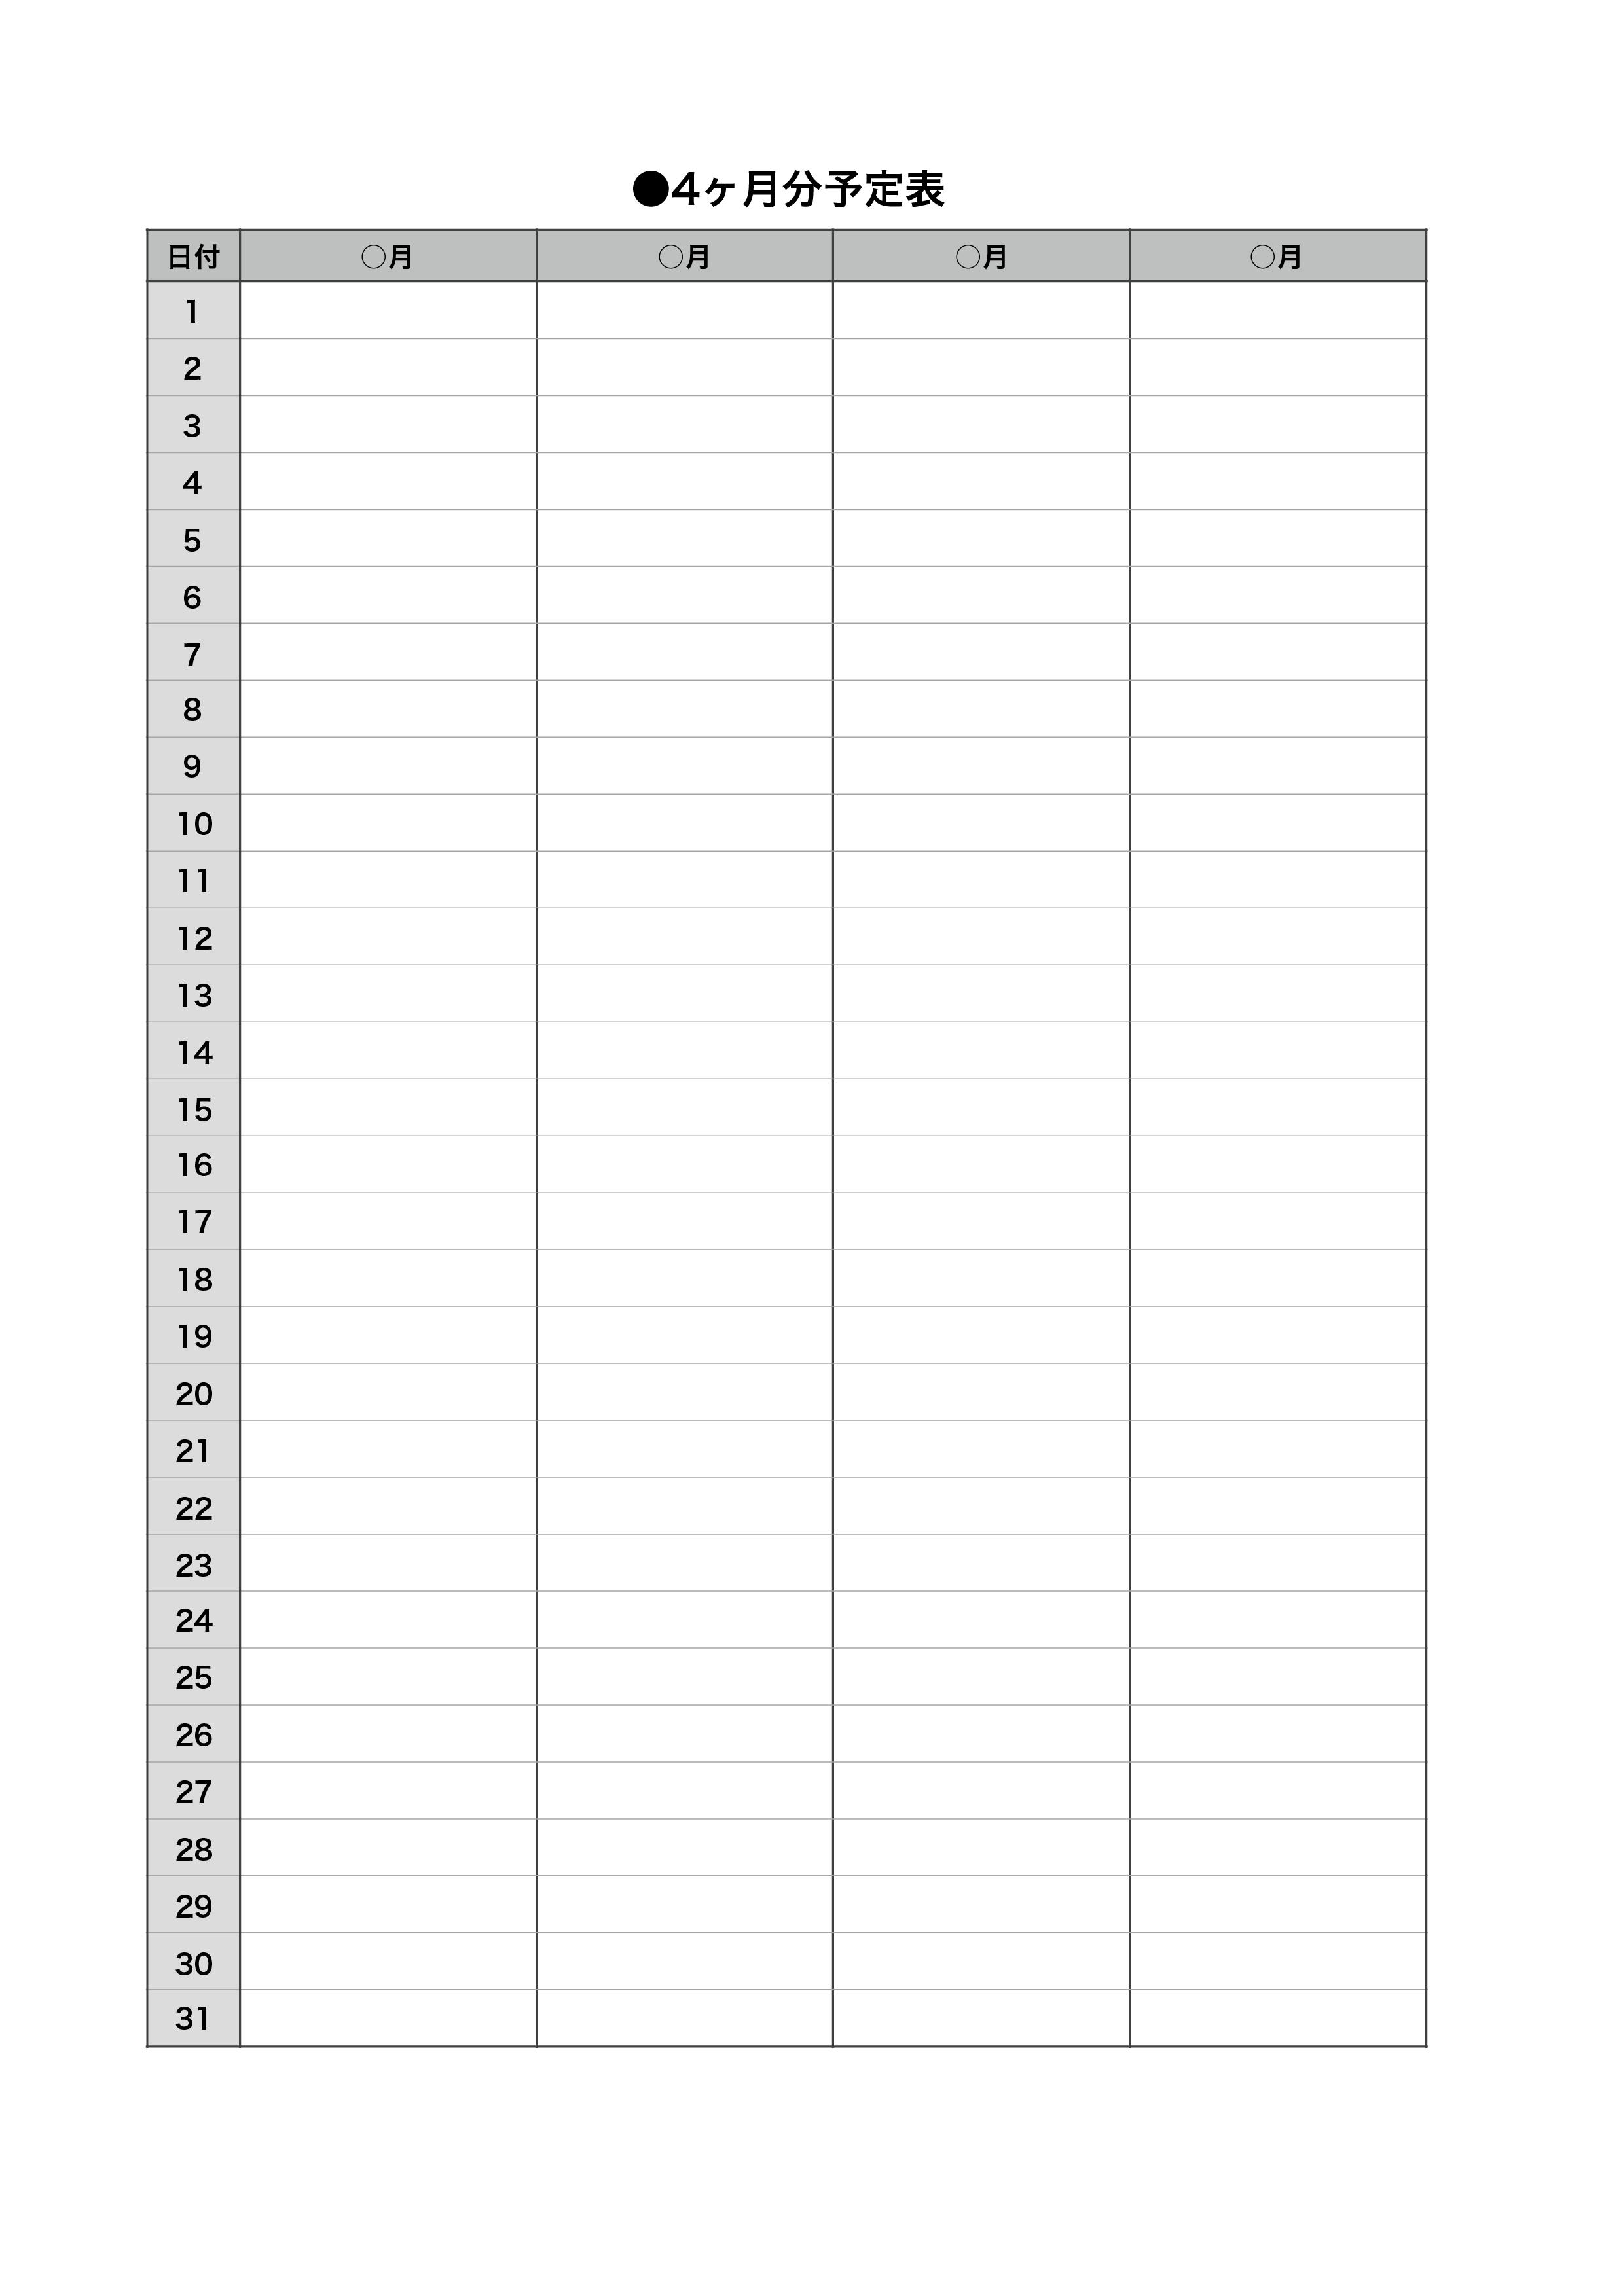 4ヶ月分の予定表のテンプレート(ワード、ページズ)シンプルグレー